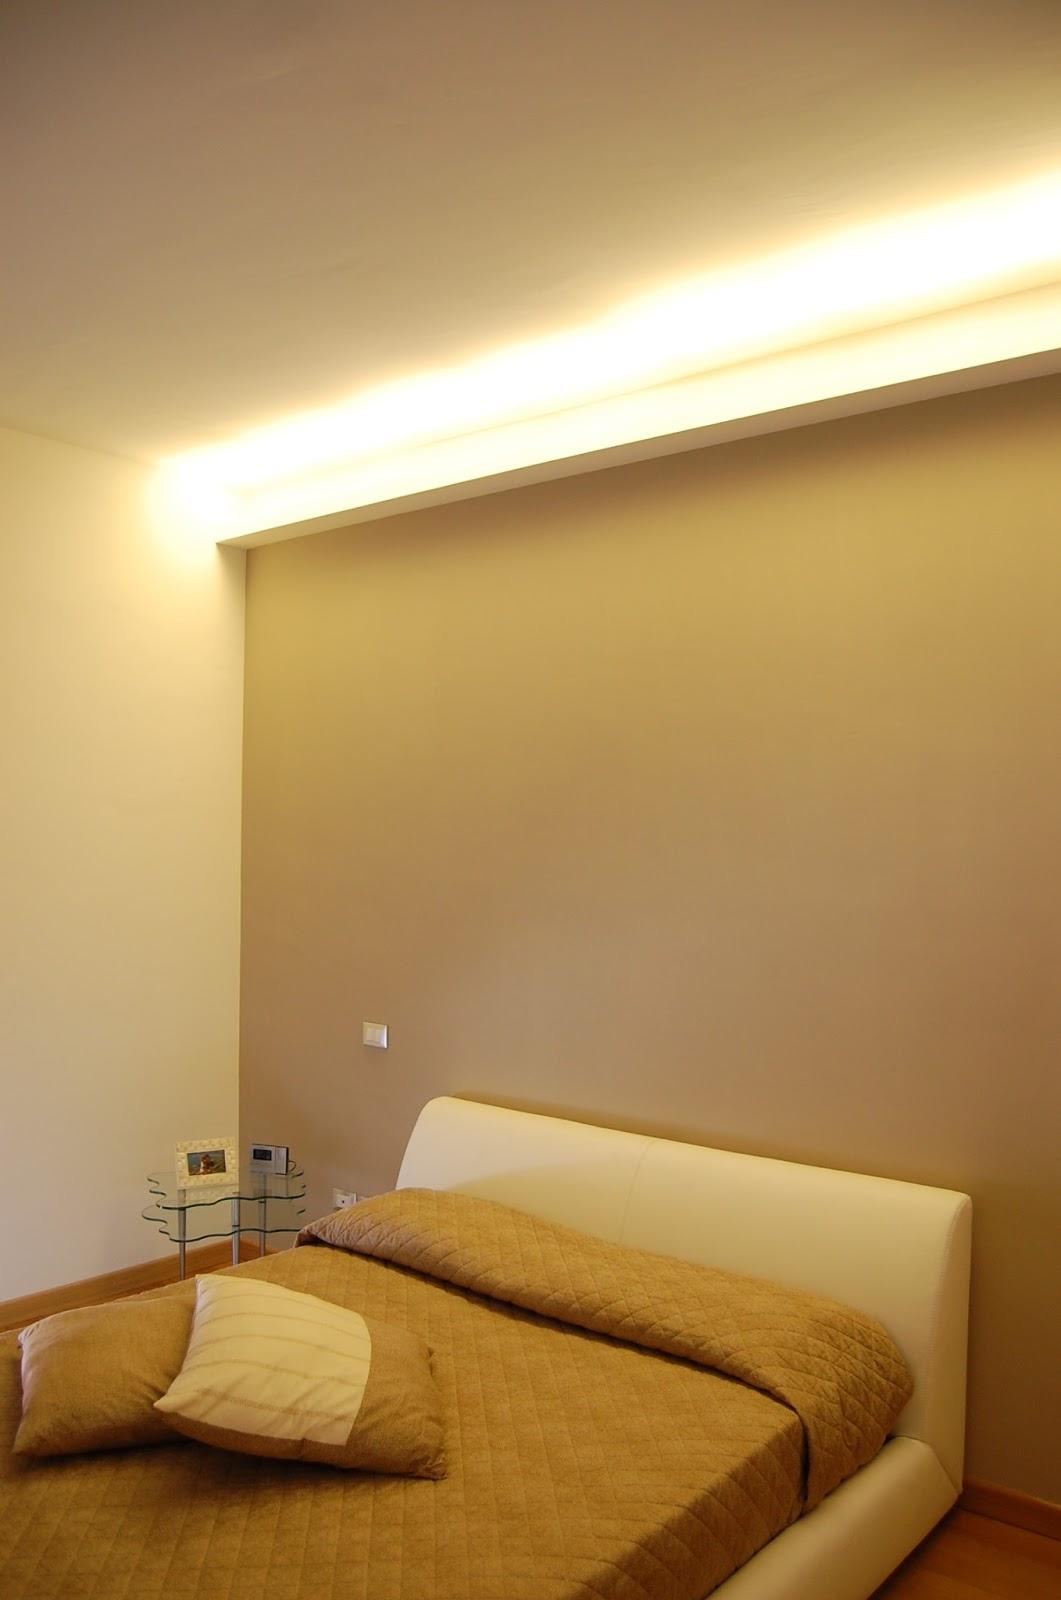 Illuminazione Led casa: Appartamento - Progetto illuminotecnico Led, Ristrutturando un appartamento